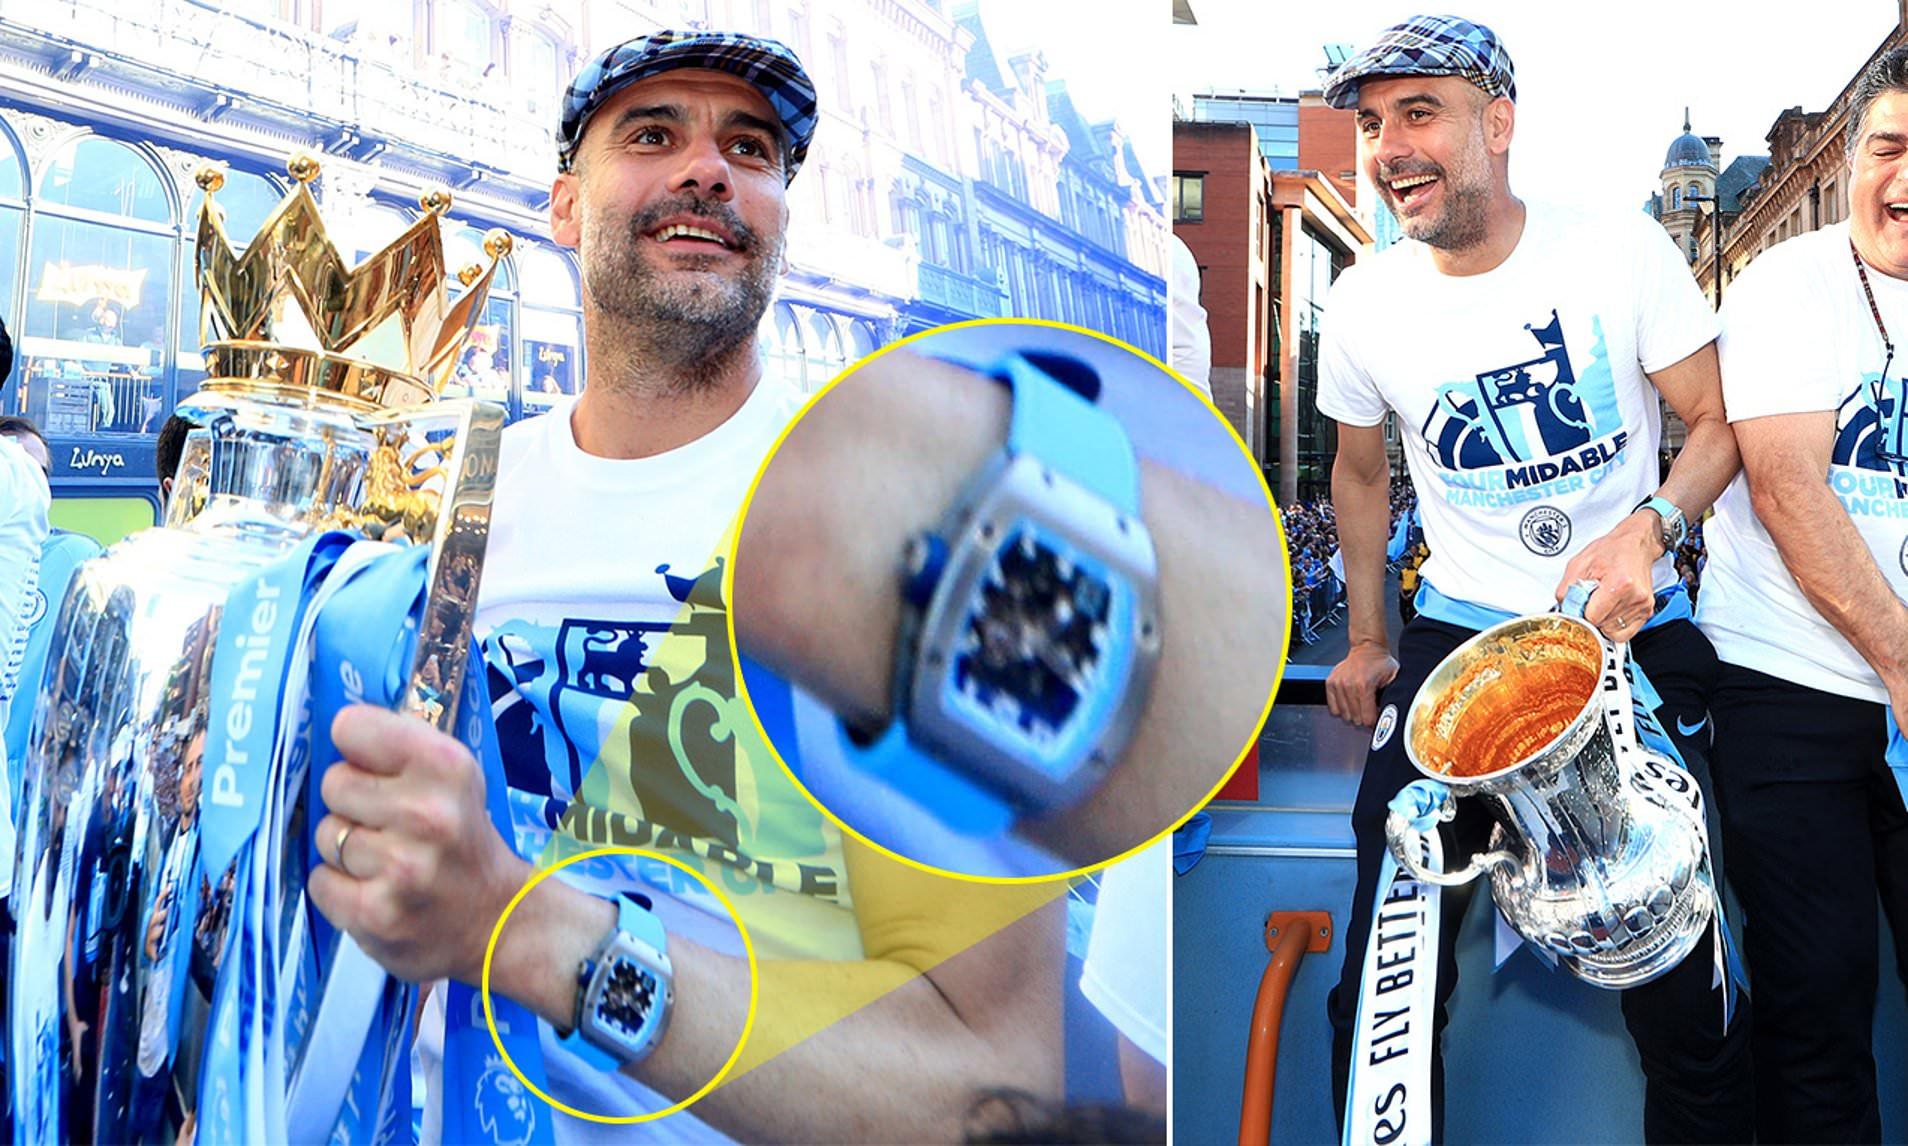 Ceasul lui Pep Guardiola. Sursă foto: thesun.co.uk